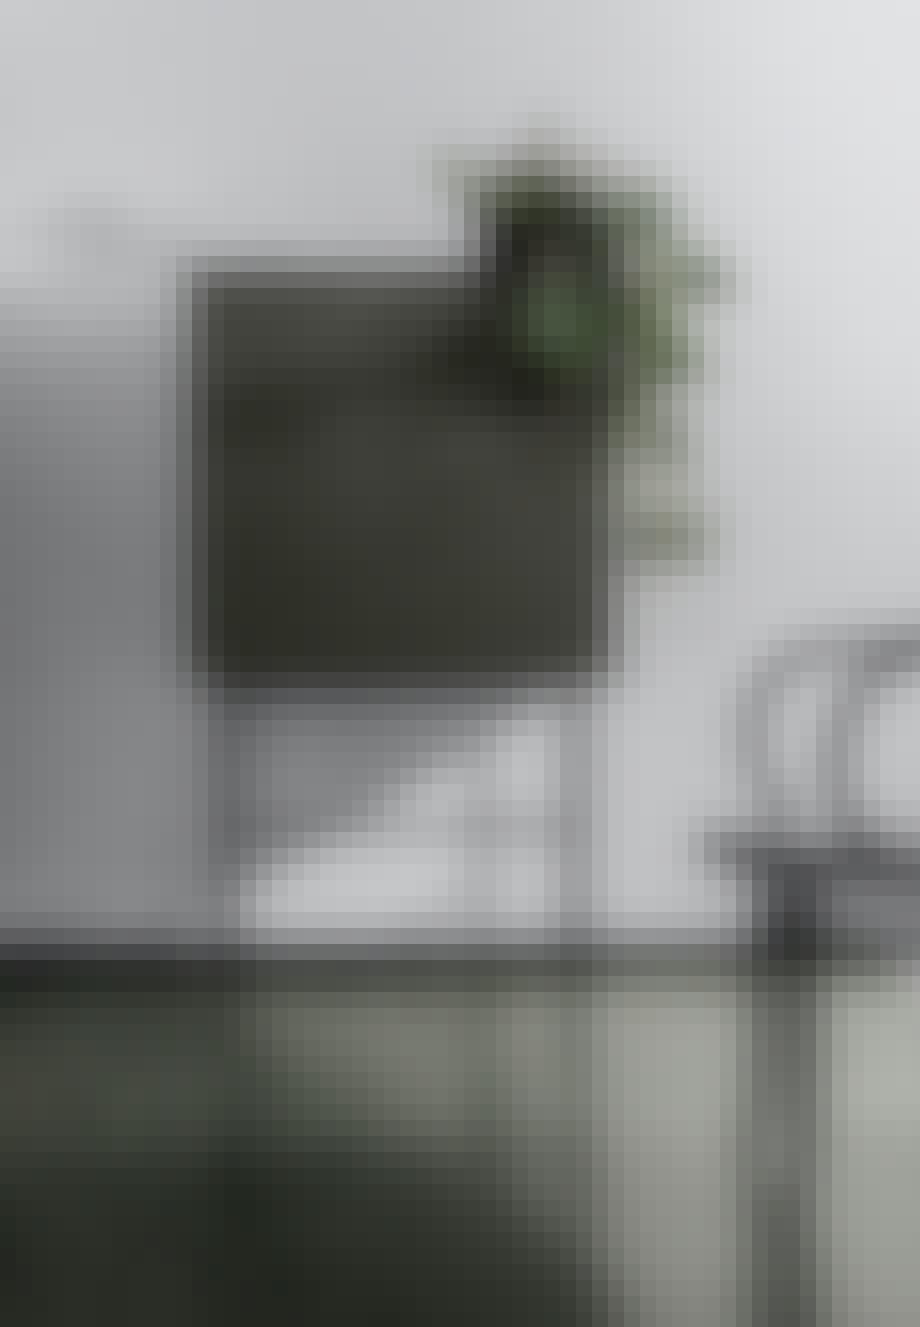 Afterooms skænk findes i to størrelser og fire forskellige farver, som kan kombineres på tværs til i alt otte forskellige konfigurationer. Til Afterooms skænk hører en bordplade i sort Corian og pulverlakerede sorte stålben. Farverne er rosa, blå, sand og mørk grøn.